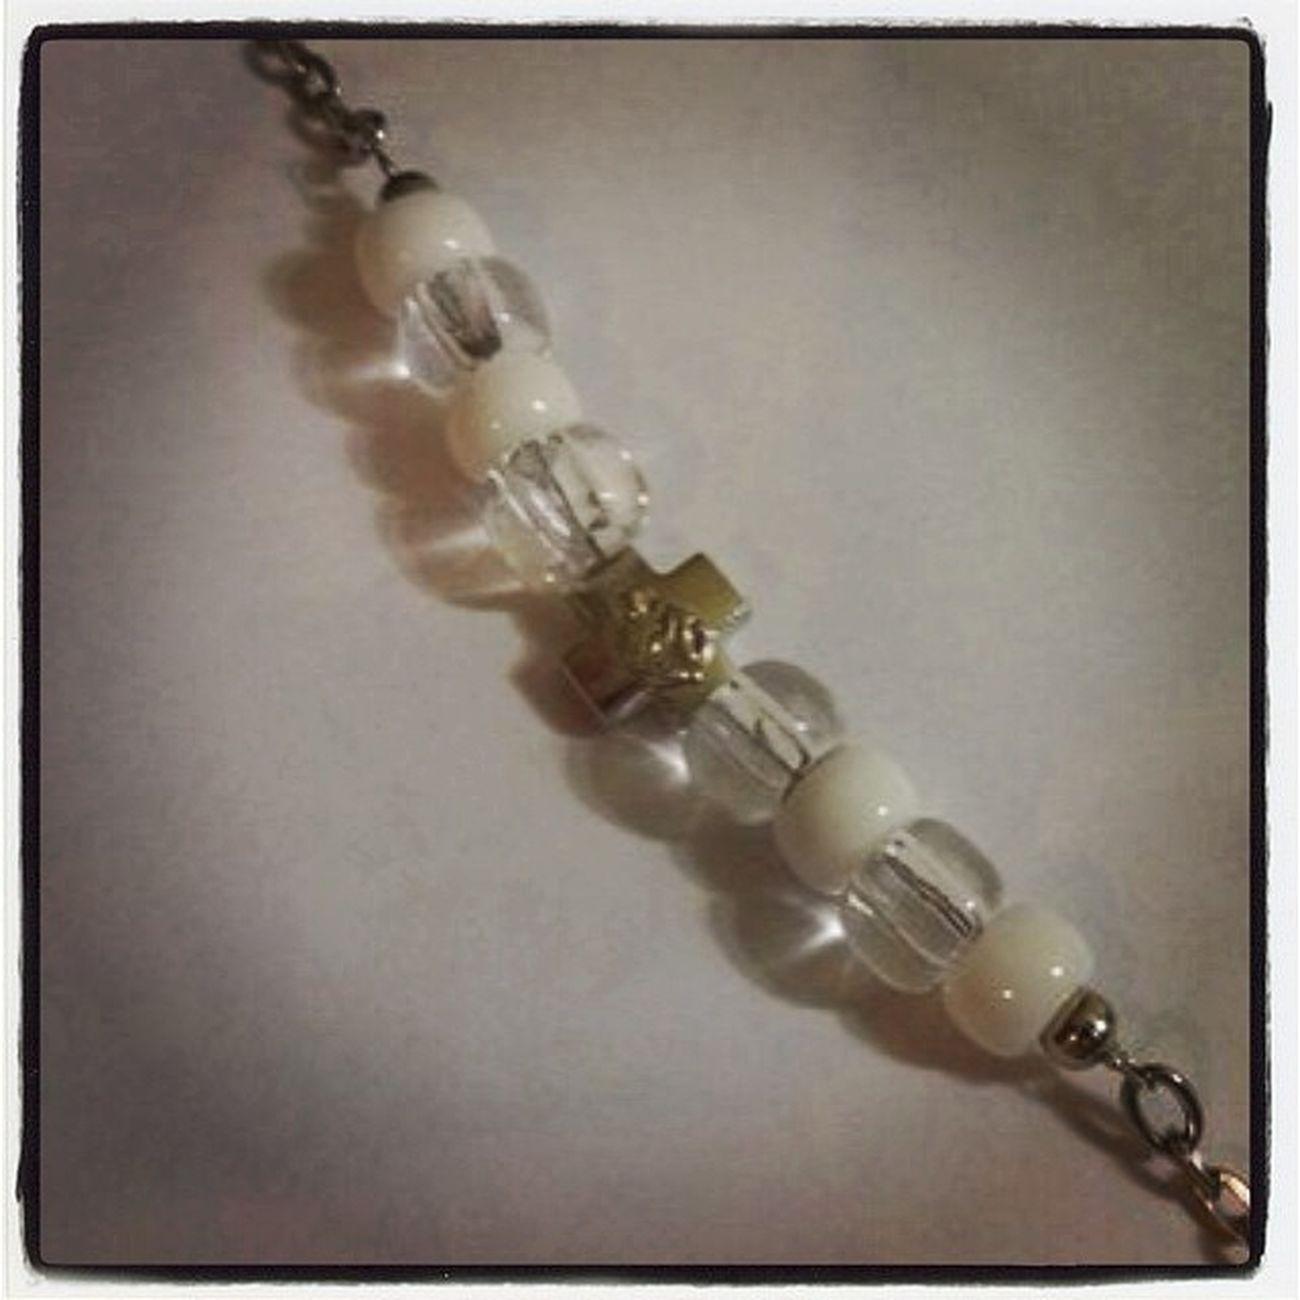 браслет бижутерия мода крест купить подарок авторскаяработа ручнаяработа bracelet fashion style